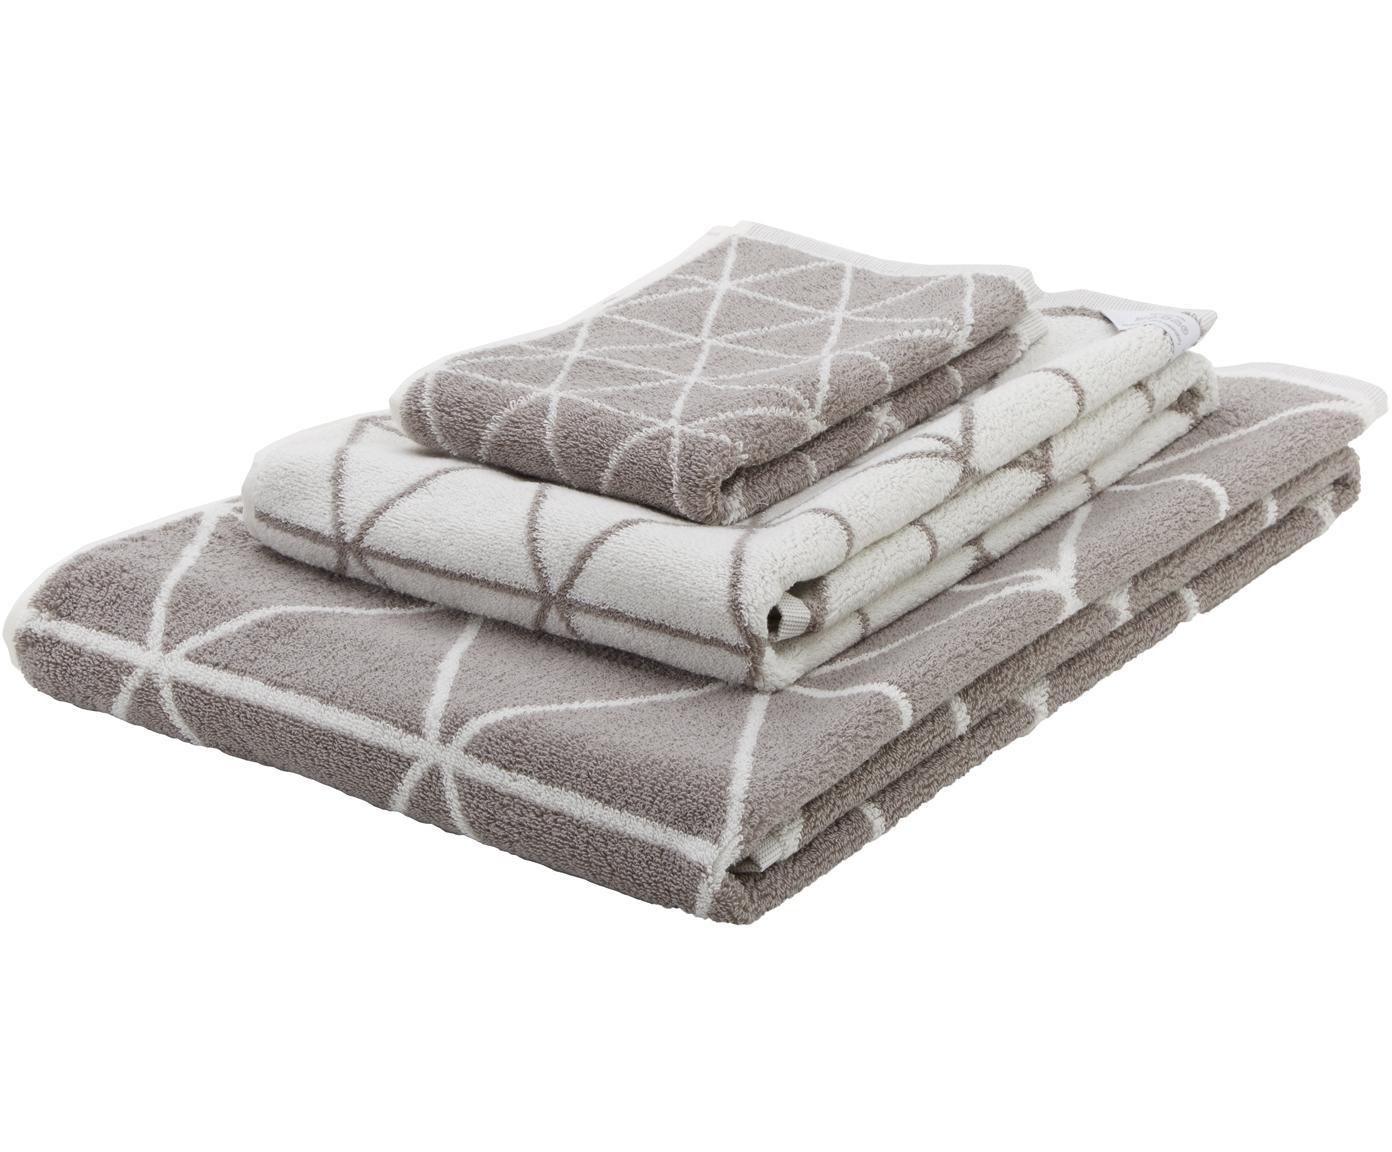 Komplet dwustronnych ręczników Elina, 3 elem., Taupe, kremowobiały, Różne rozmiary